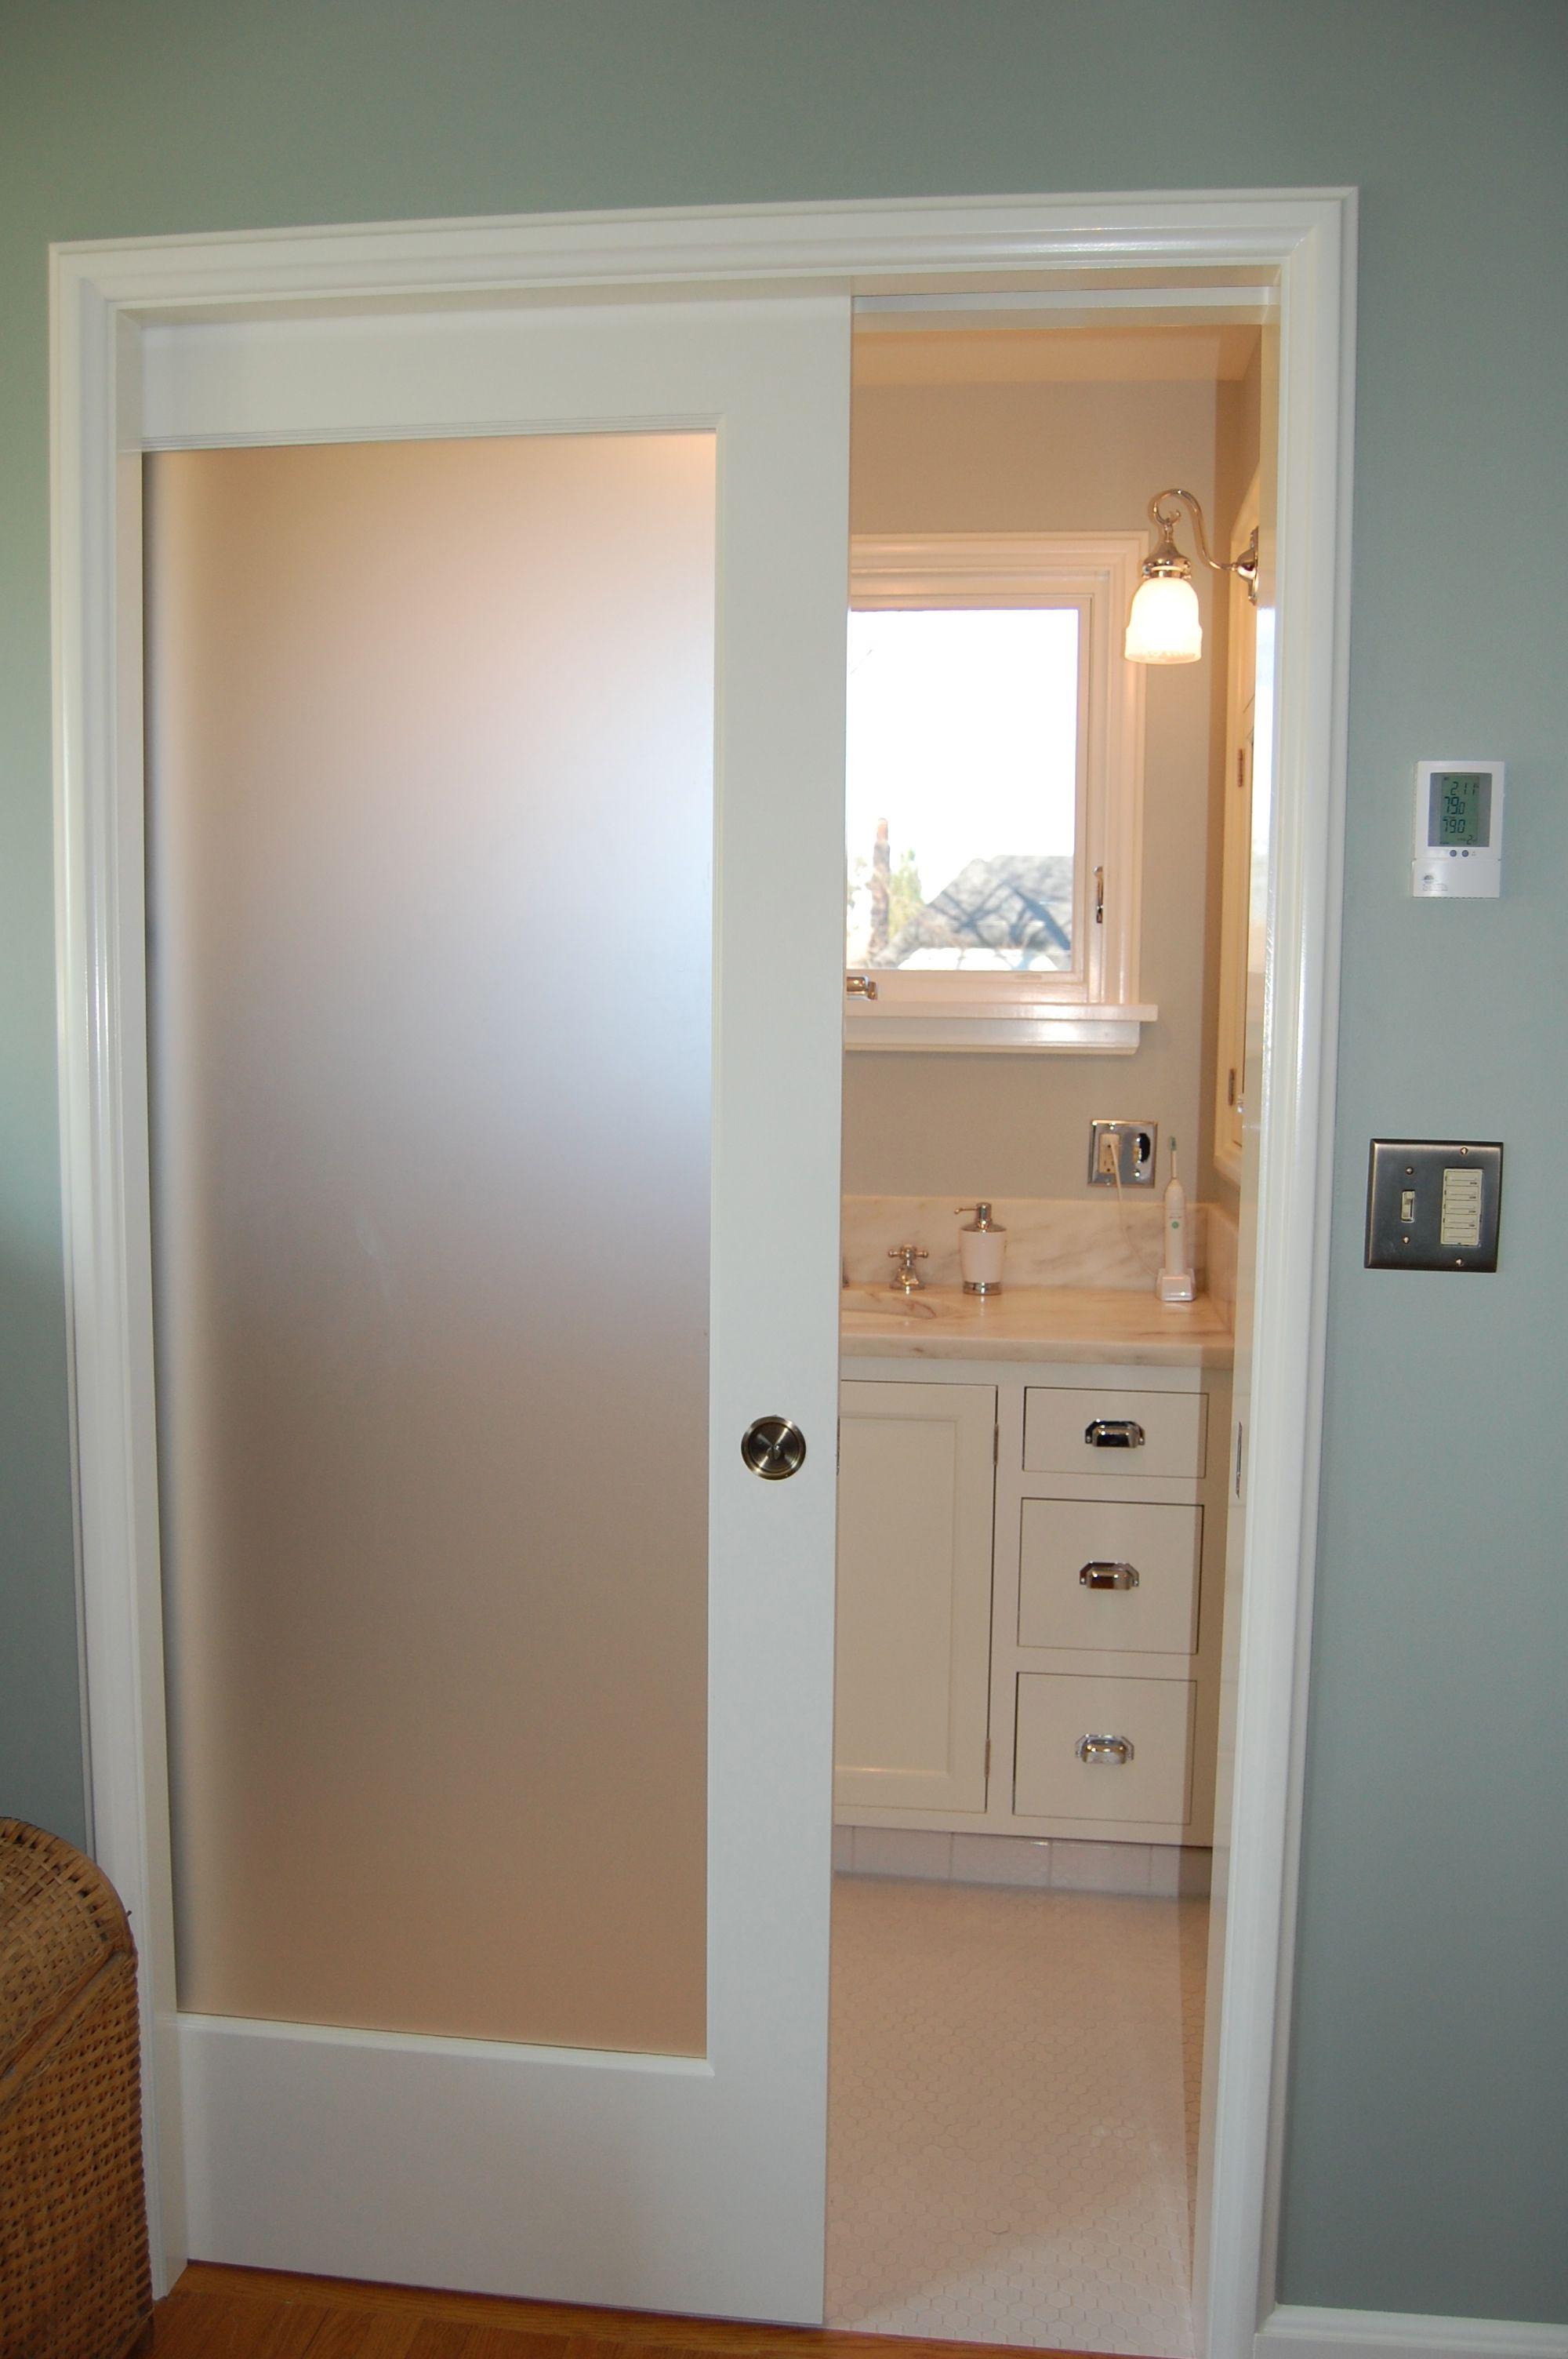 Interior French Doors Opaque Glass  Pocket doors bathroom, Glass